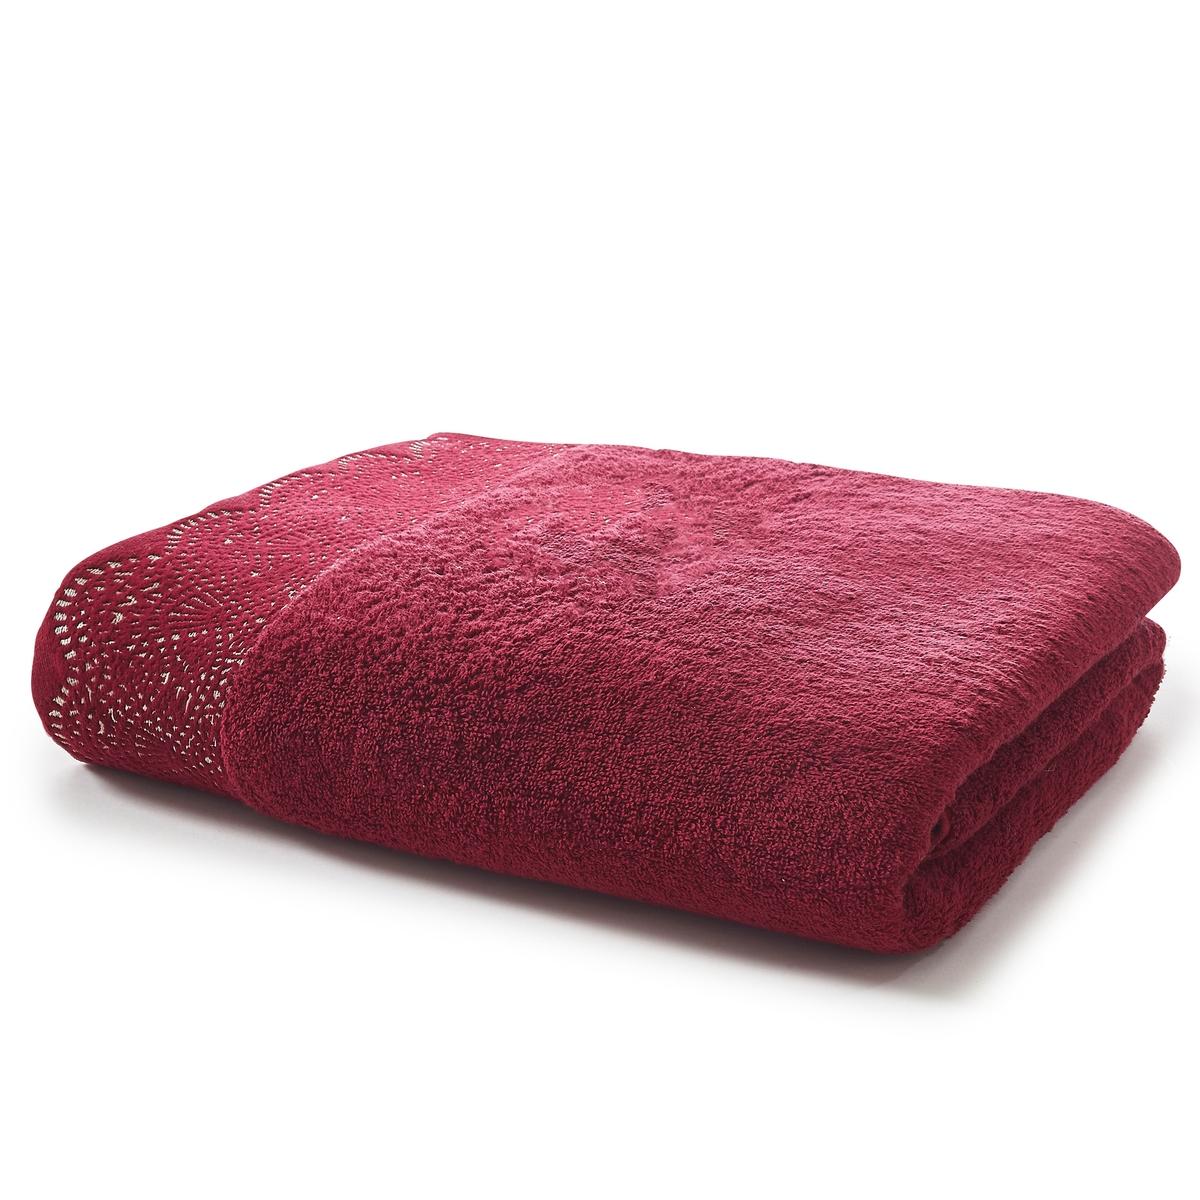 Полотенце банное формата макси из махровой ткани 500 г/м?, DENTELLEХарактеристики банного полотенца формата макси Dentelle :- Махровая ткань букле из 100% хлопка (500 г/м?).- Жаккардовая отделка краев с эффектом кружева.- Машинная стирка при 60 °С.- Машинная сушка при умеренной температуре.- Замечательная износоустойчивость, сохраняет мягкость и яркость окраски после многочисленных стирок.- Размеры : 100 x 150 см.<br><br>Цвет: светло-синий,сливовый